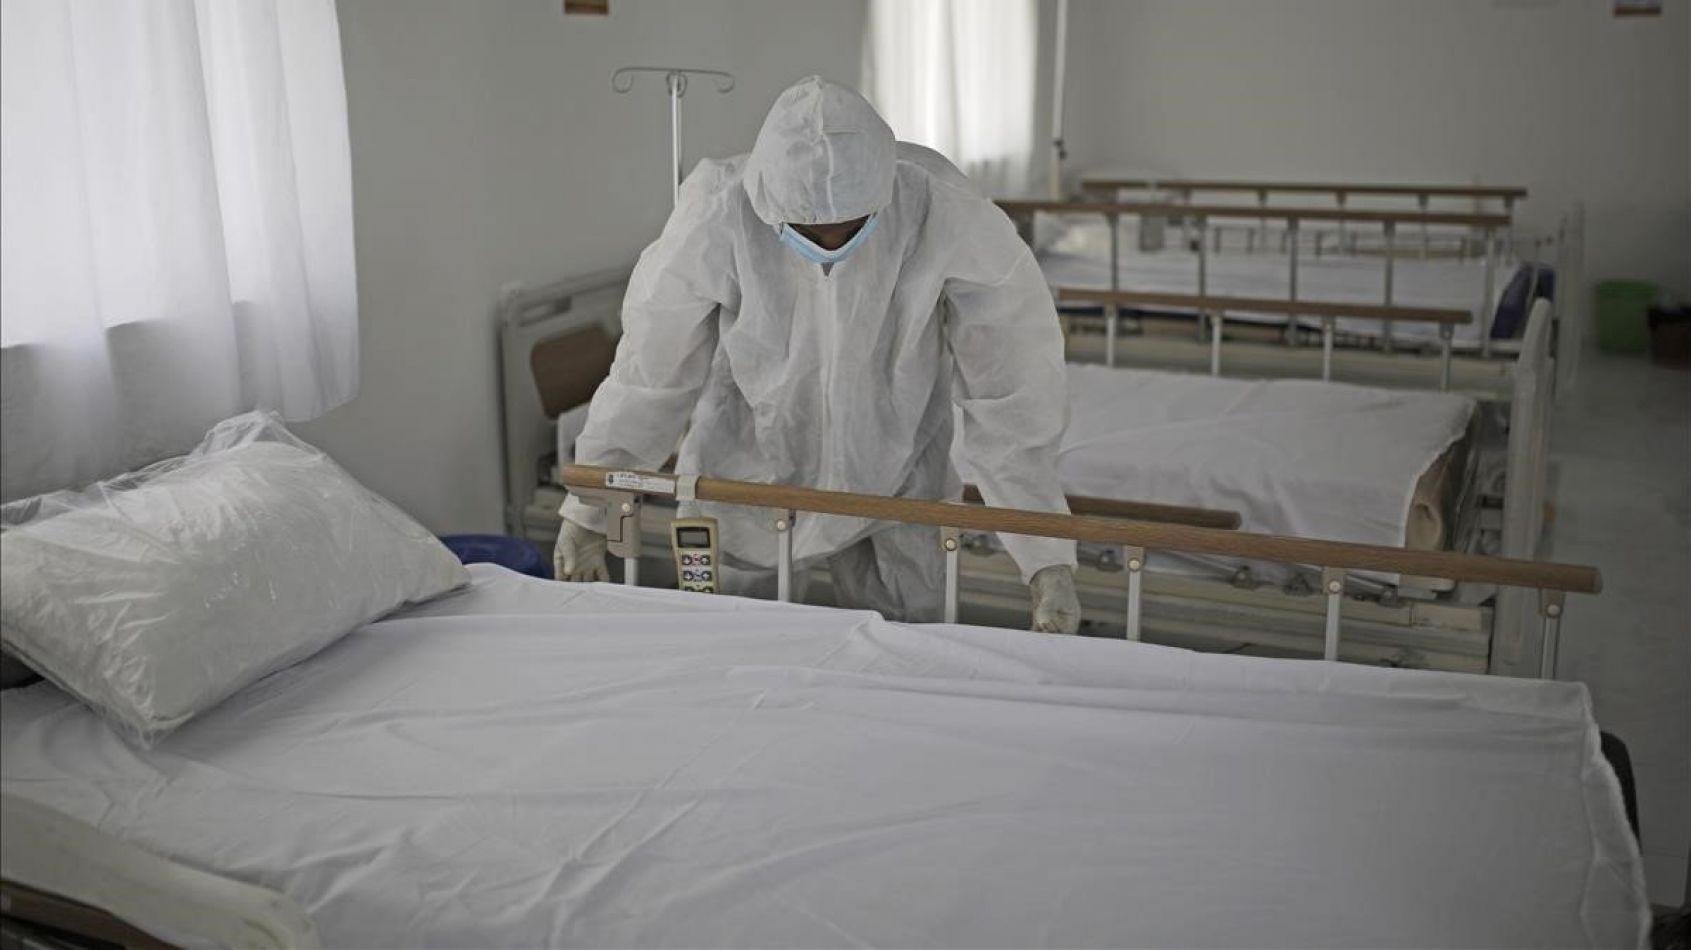 Falleció la enfermera de Perico: no llegó a ser trasladada al San Roque para cuidados intensivos